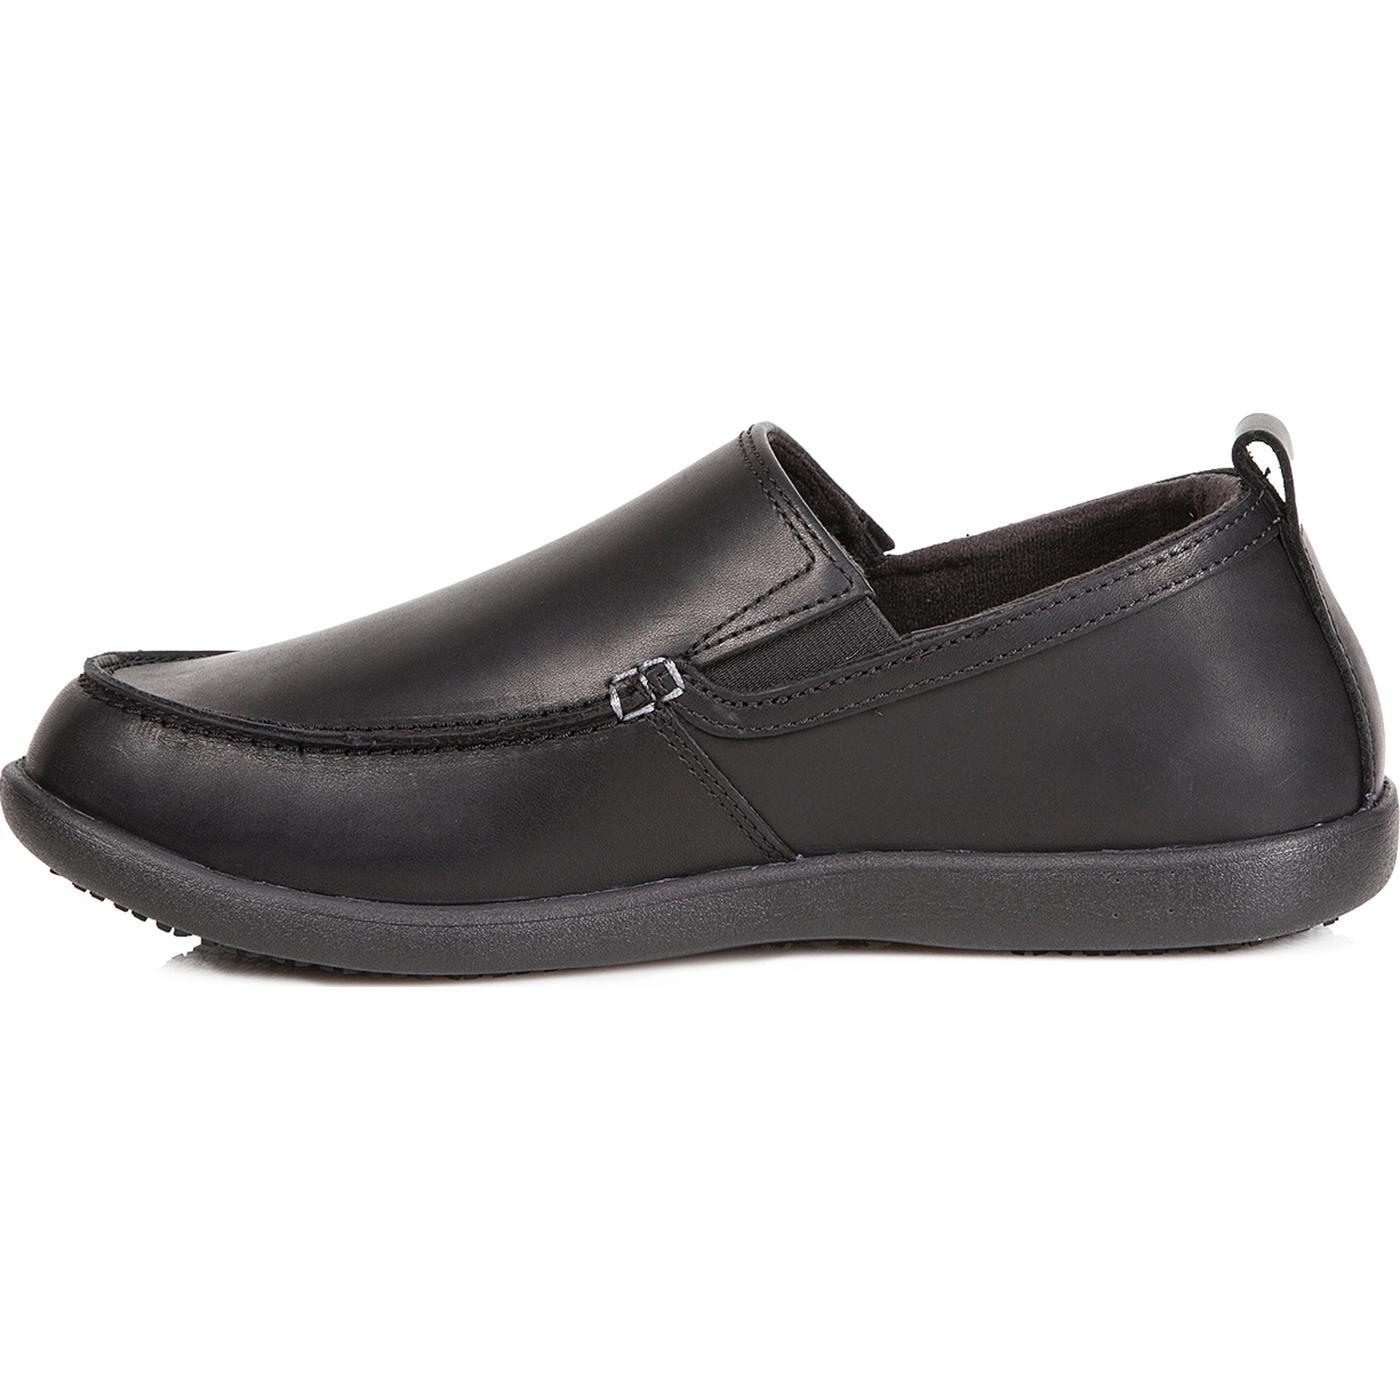 bb7e6f778 Crocs Tummler Slip-Resistant Slip-On Work Shoe